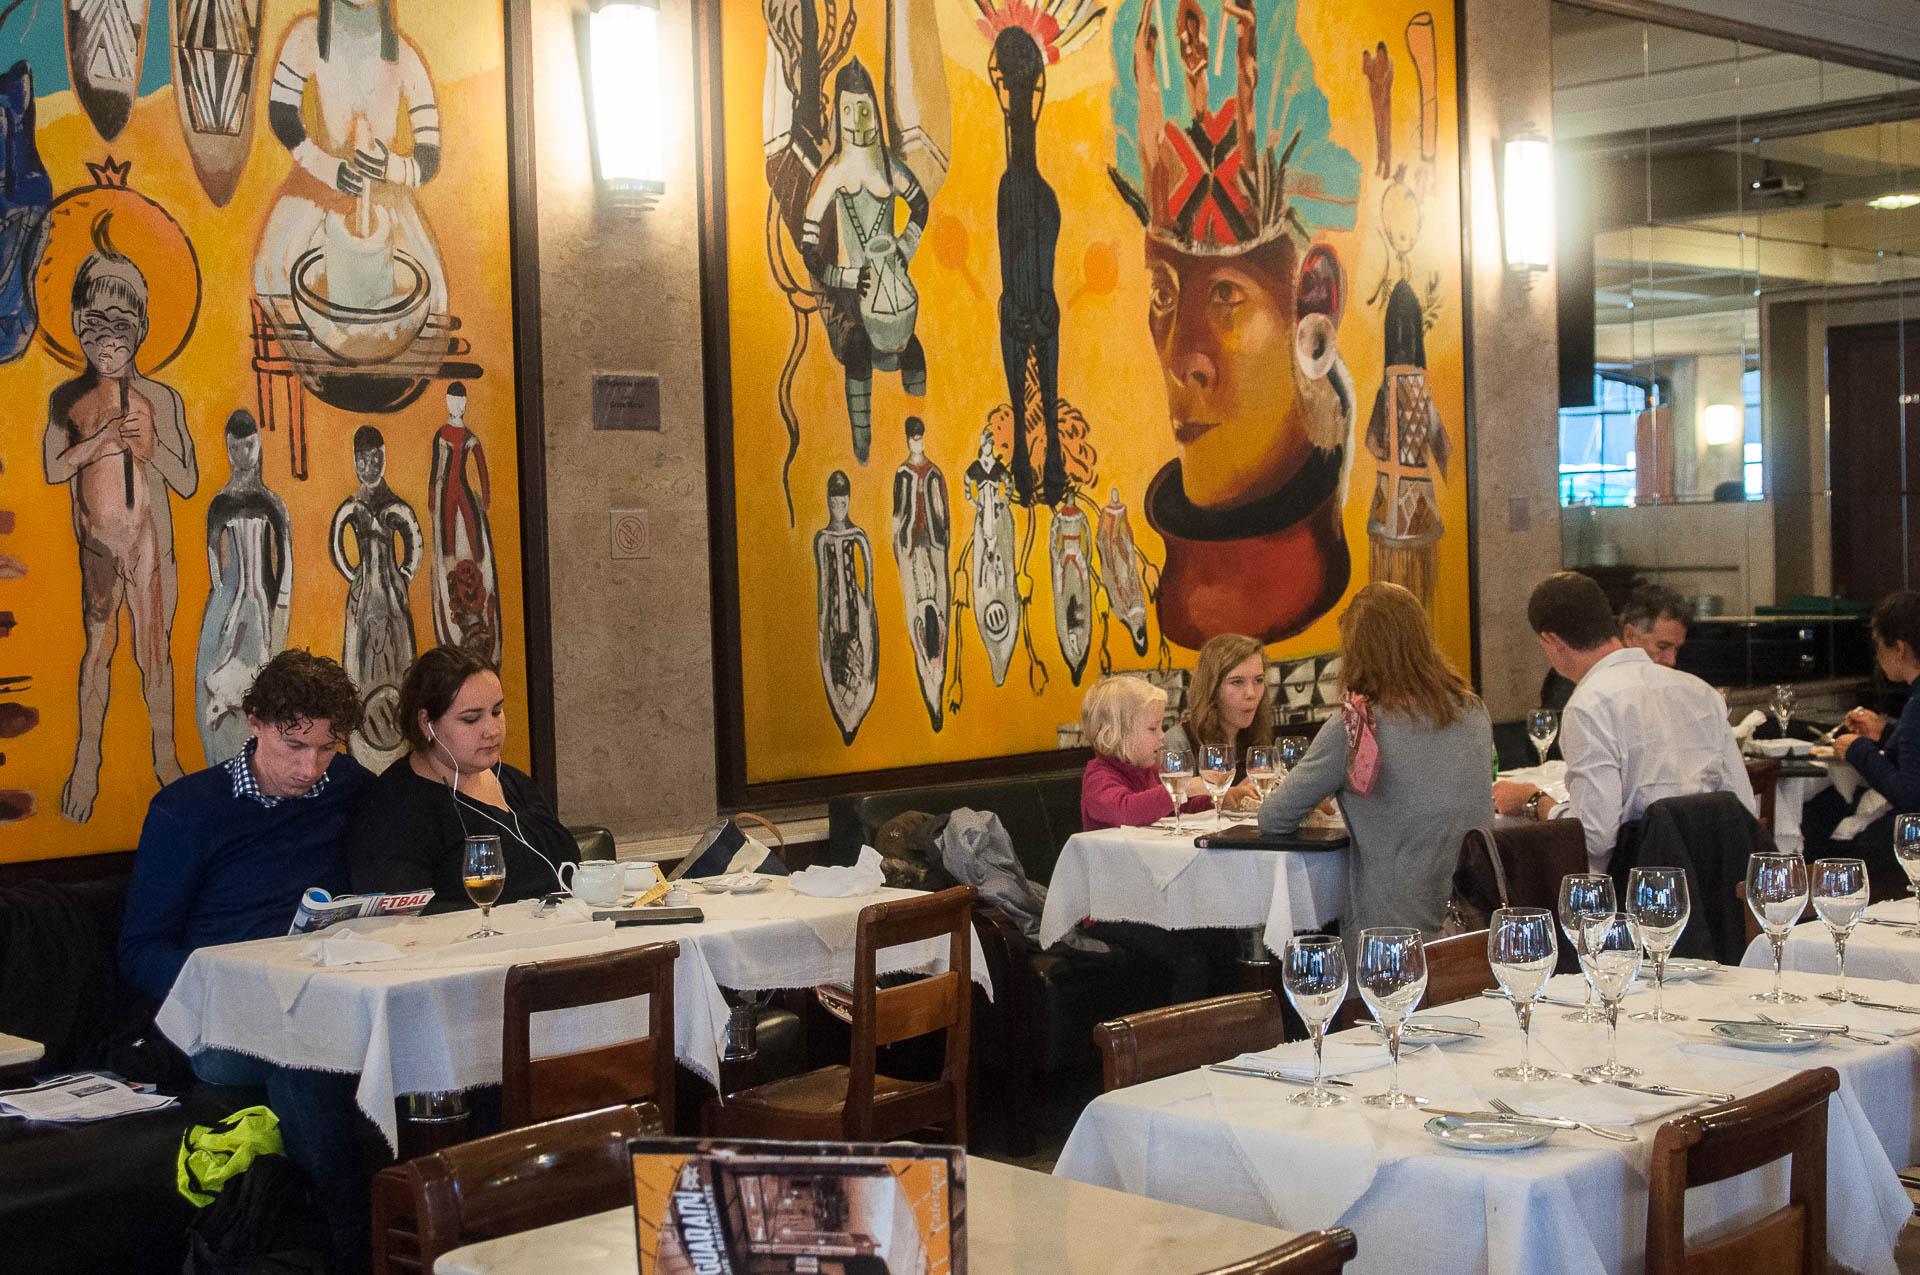 Porto café - Les globe blogueurs - blog voyage nature